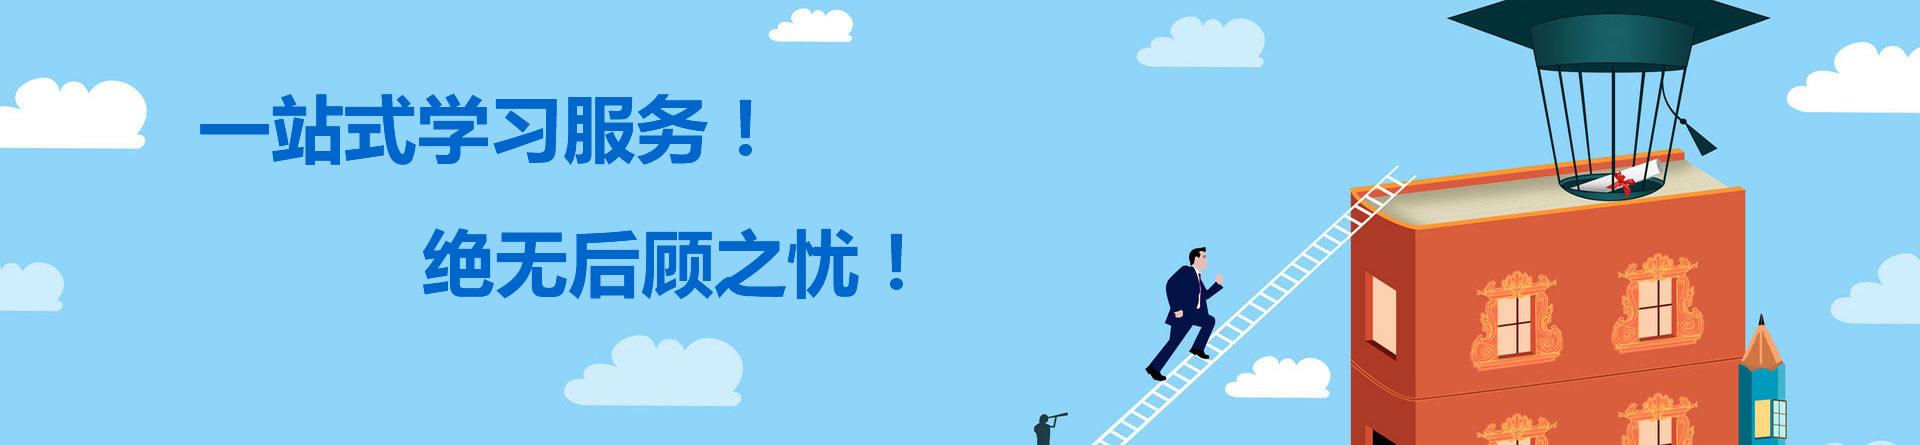 郑州英美佳外语